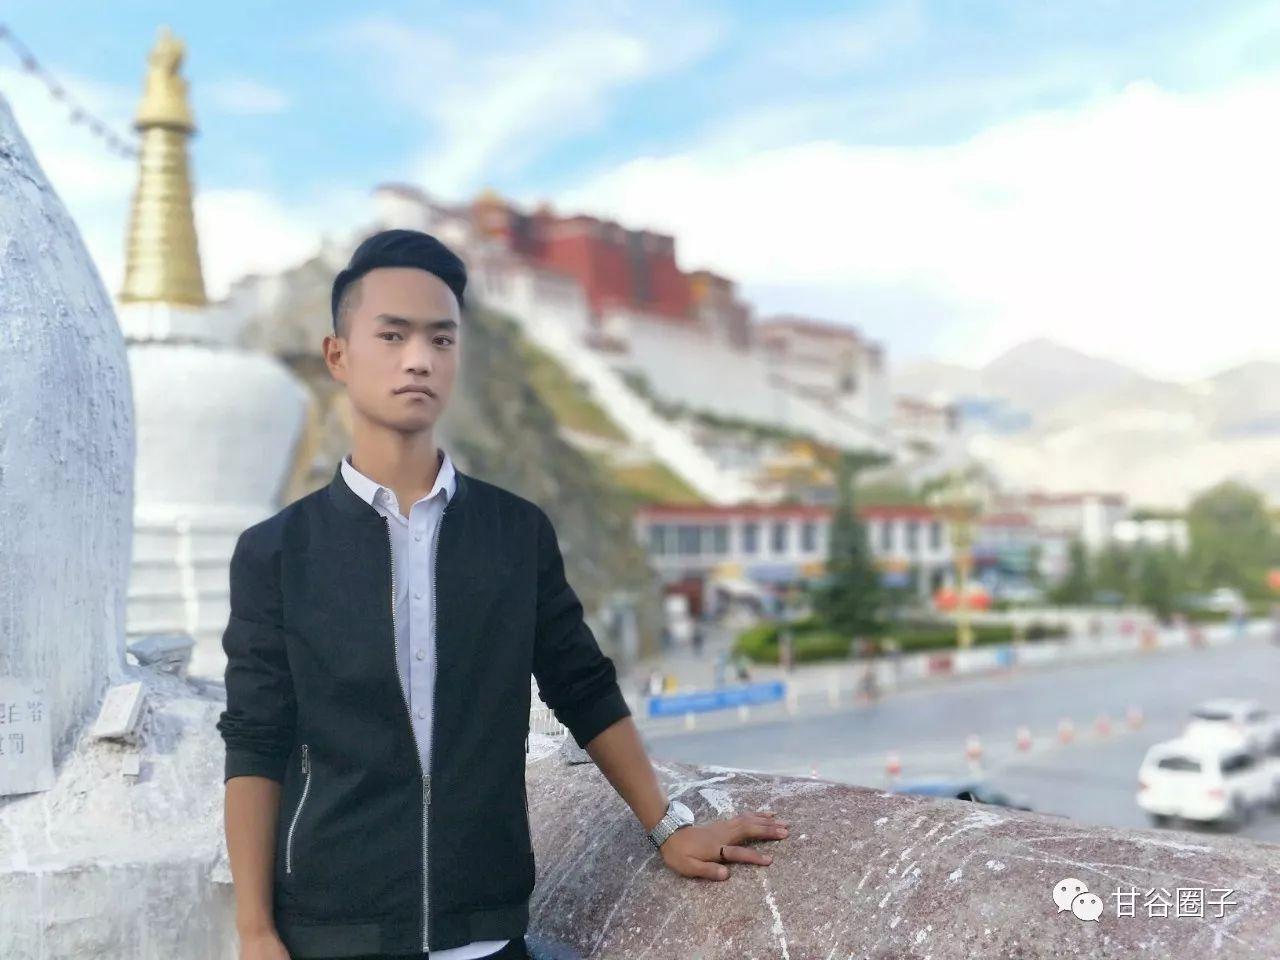 【马上有对象】第331期:在西藏做咖啡师的谢家庄帅哥图片